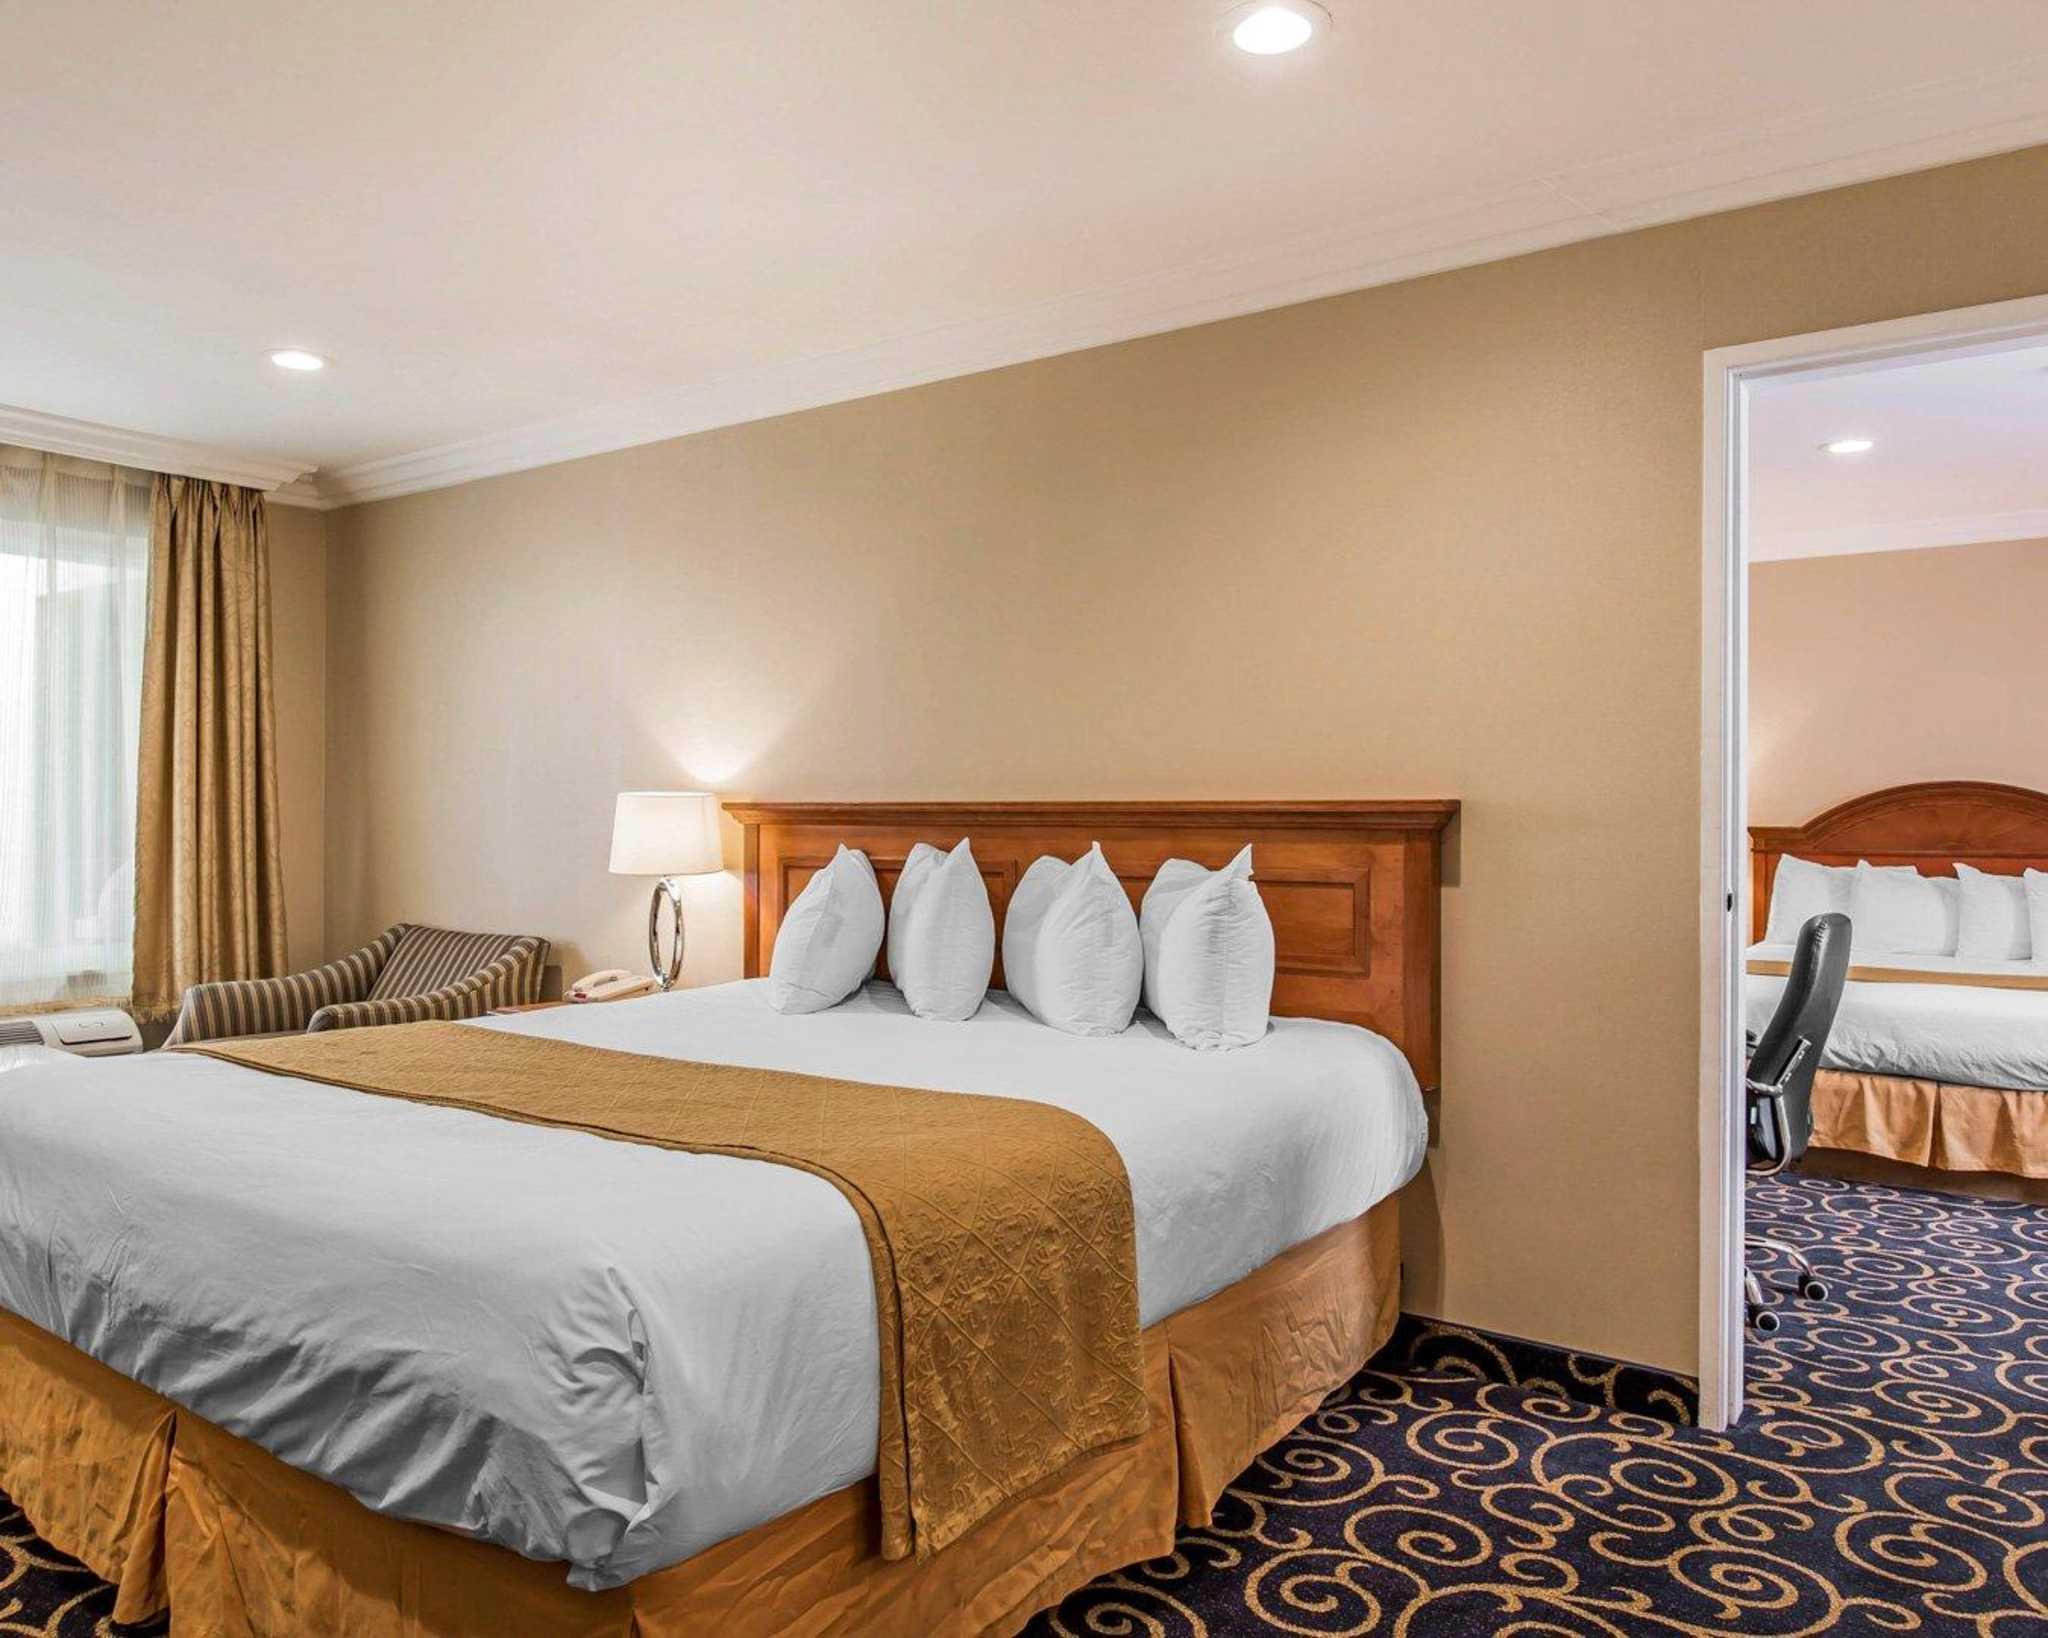 Quality Inn Long Beach Airport image 28